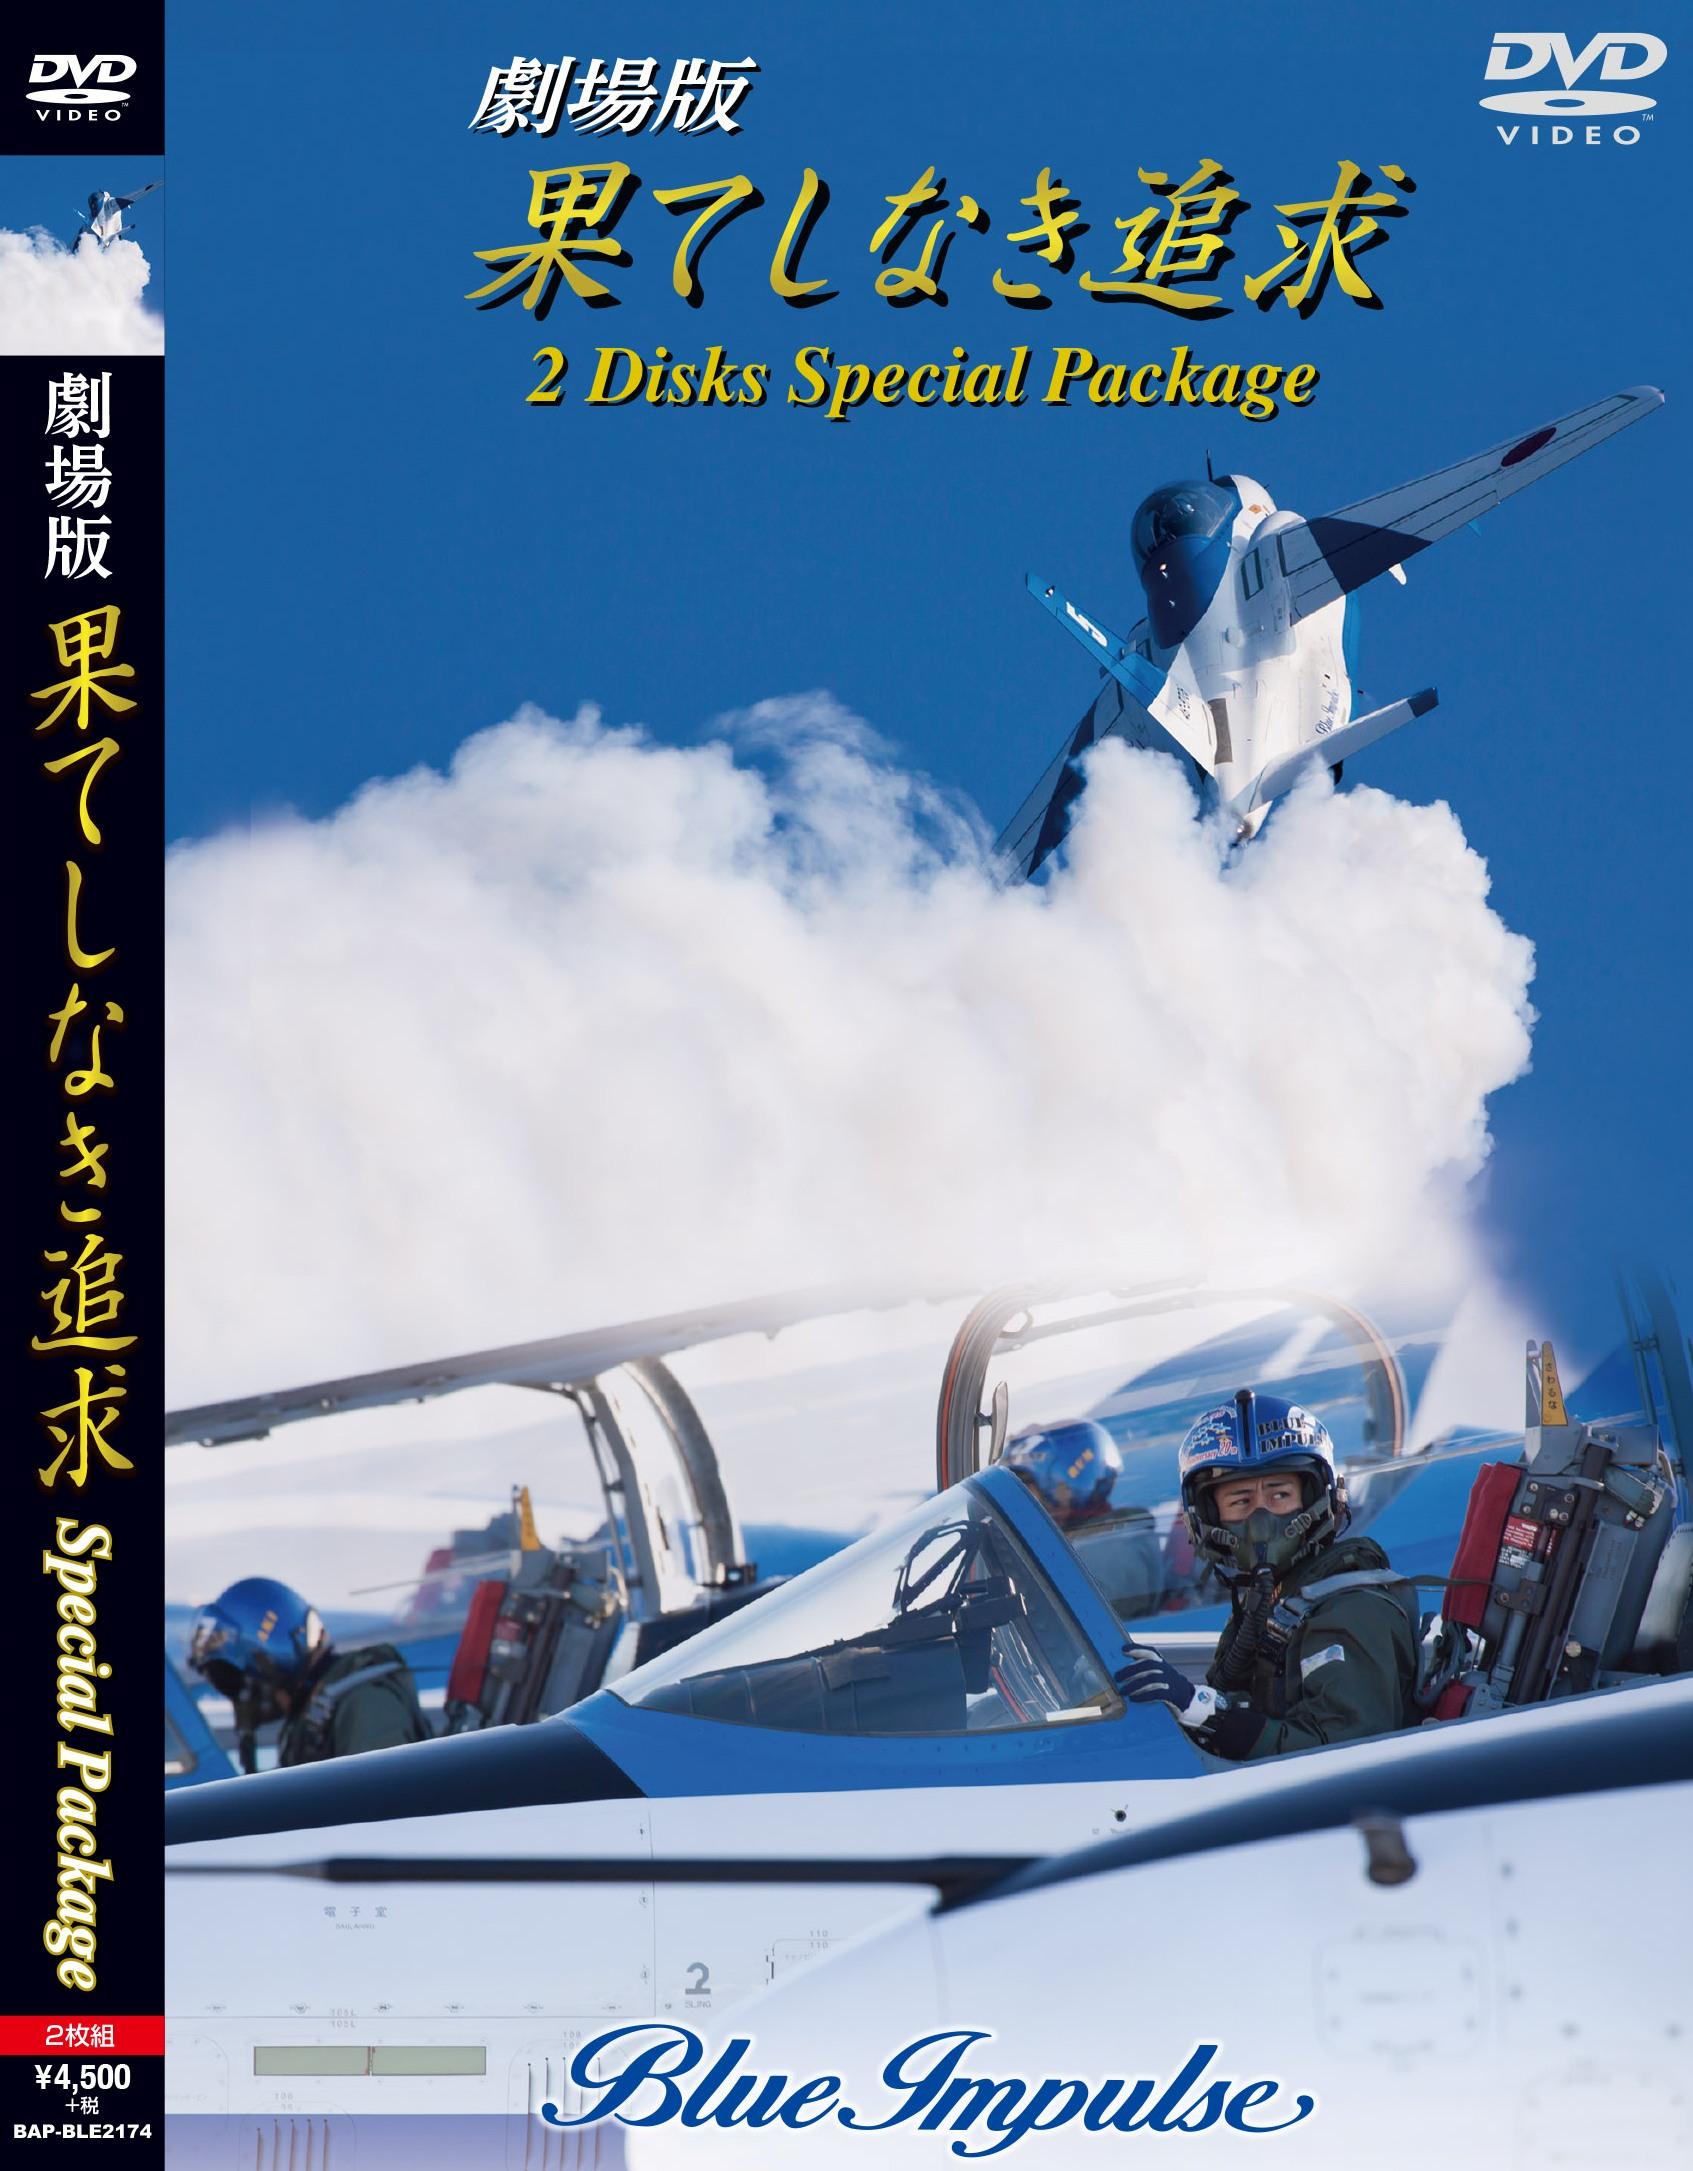 劇場版 果てしなき追求 2Discs Special Package【ネコポス便可】